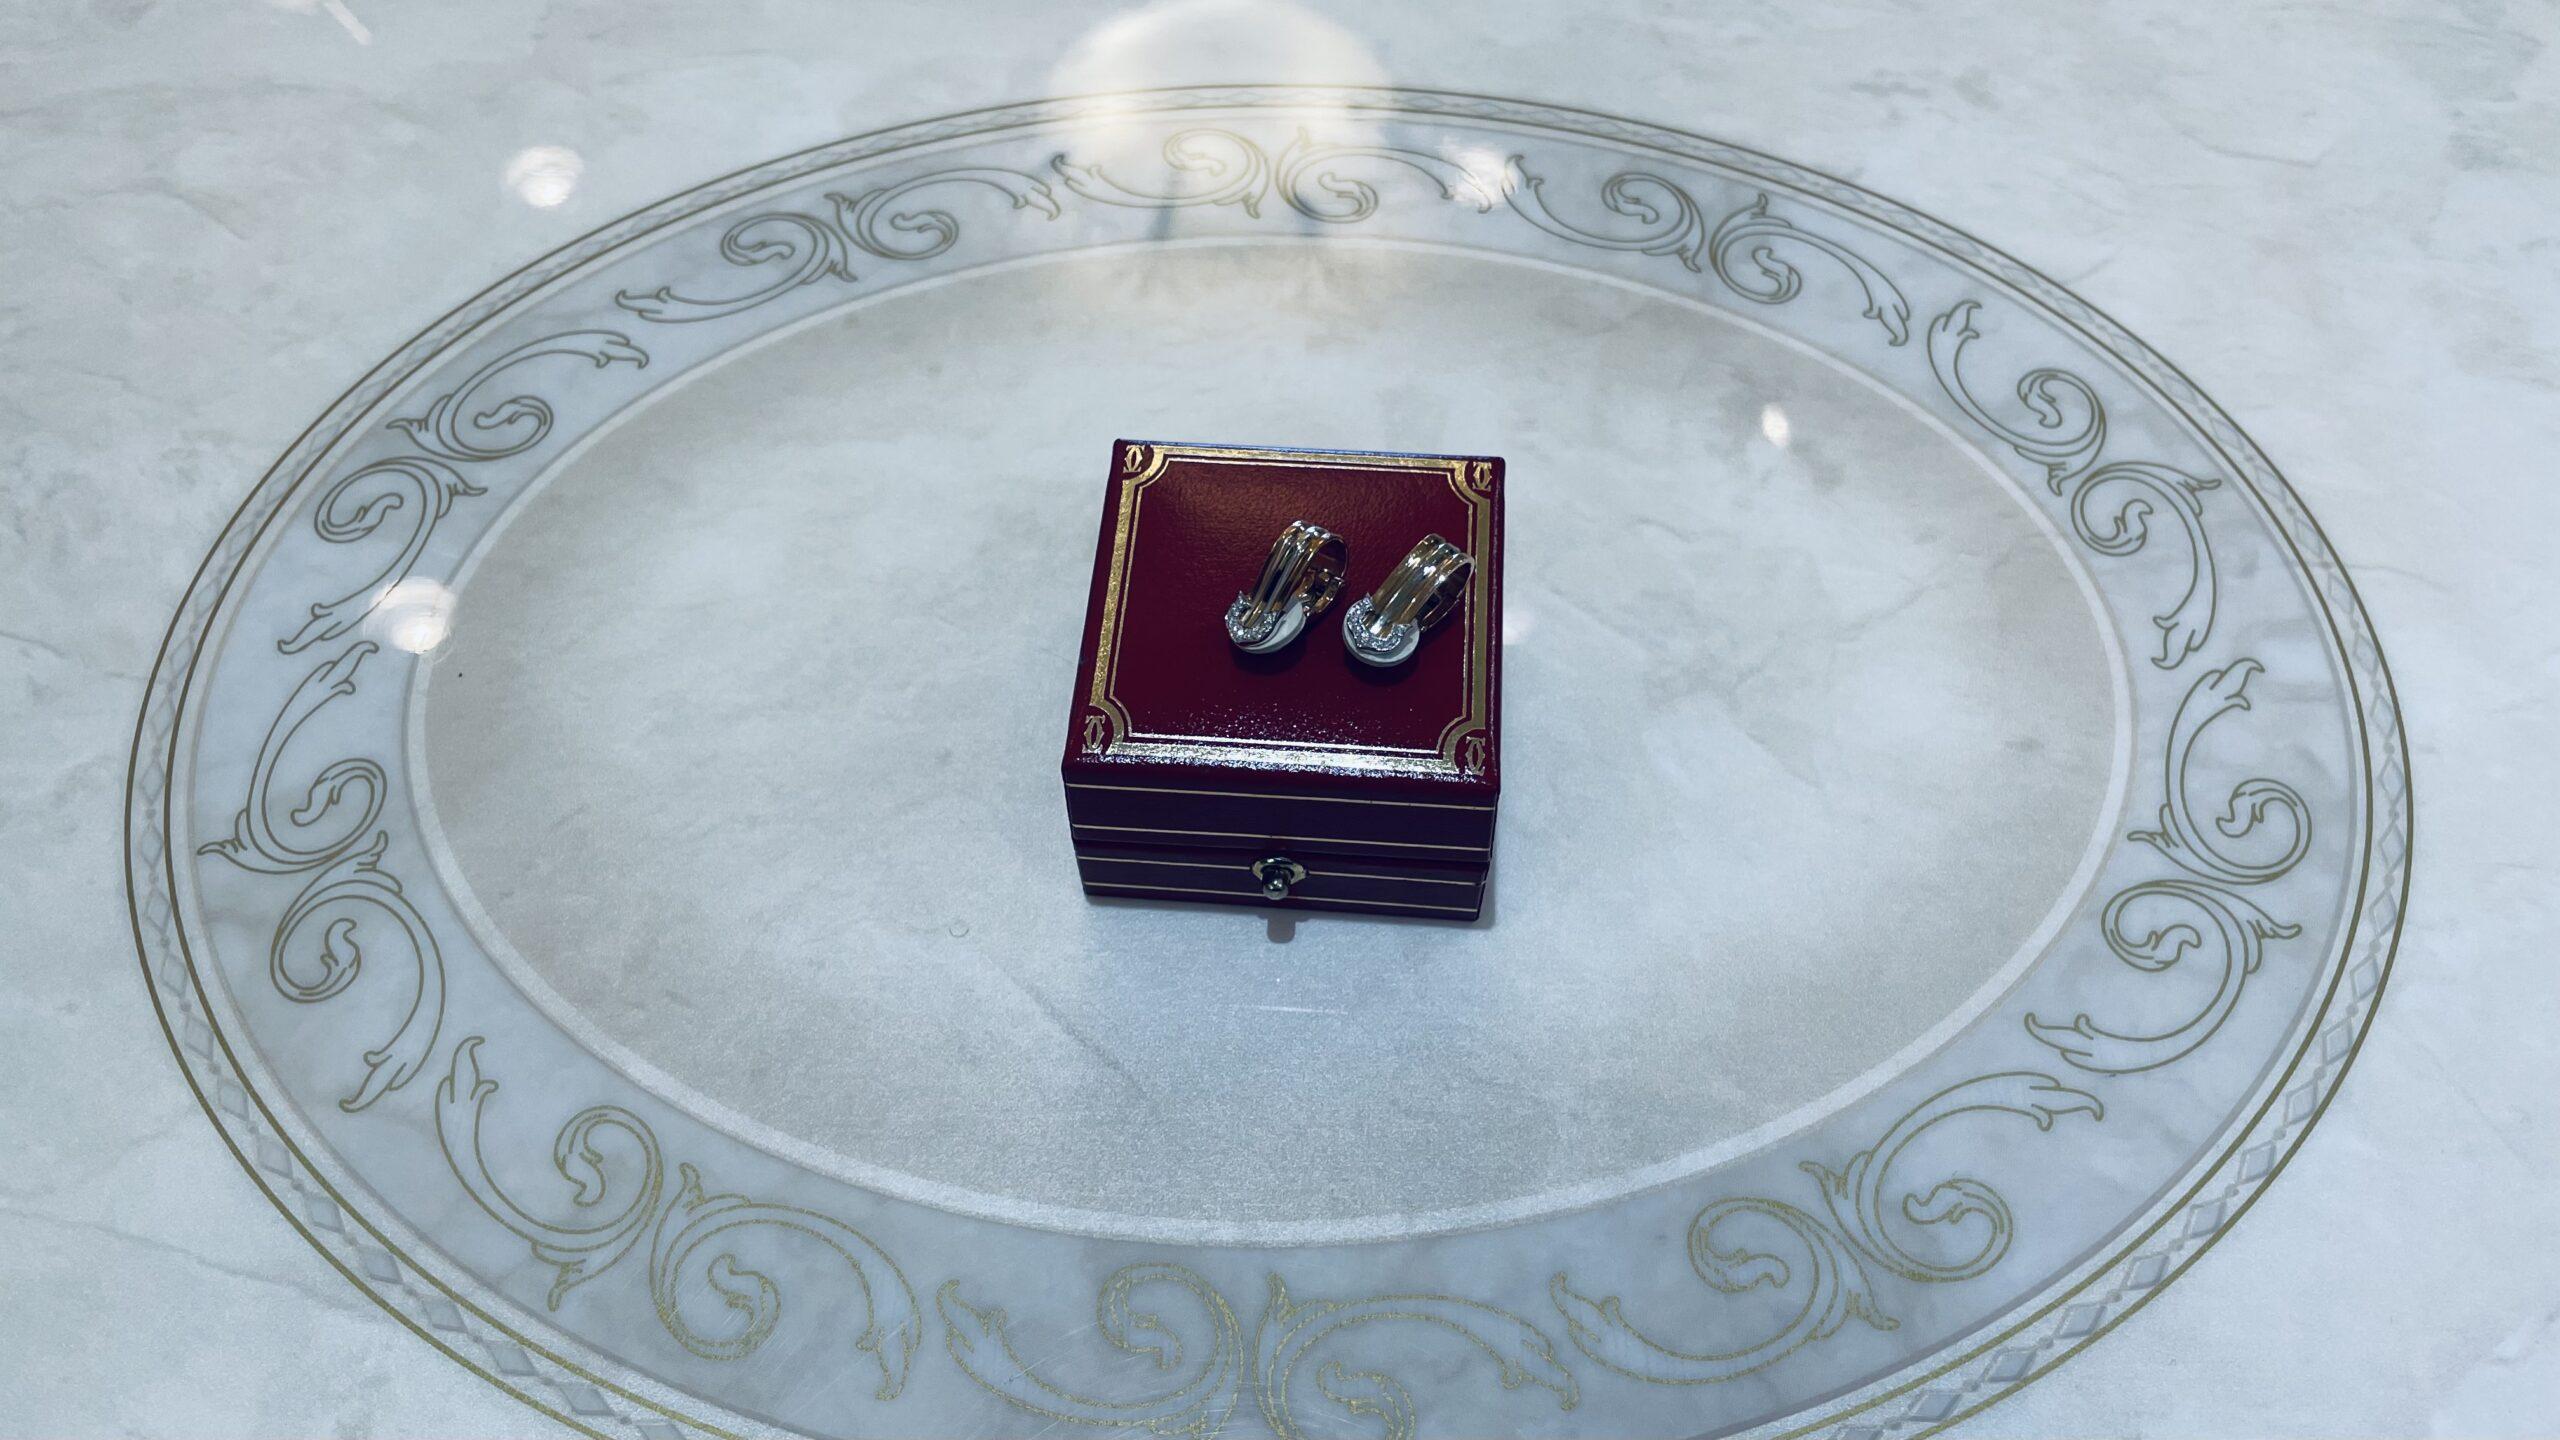 【買取速報】ダイヤモンド、ピアス・イヤリング、750、Cartier-2021-02-16